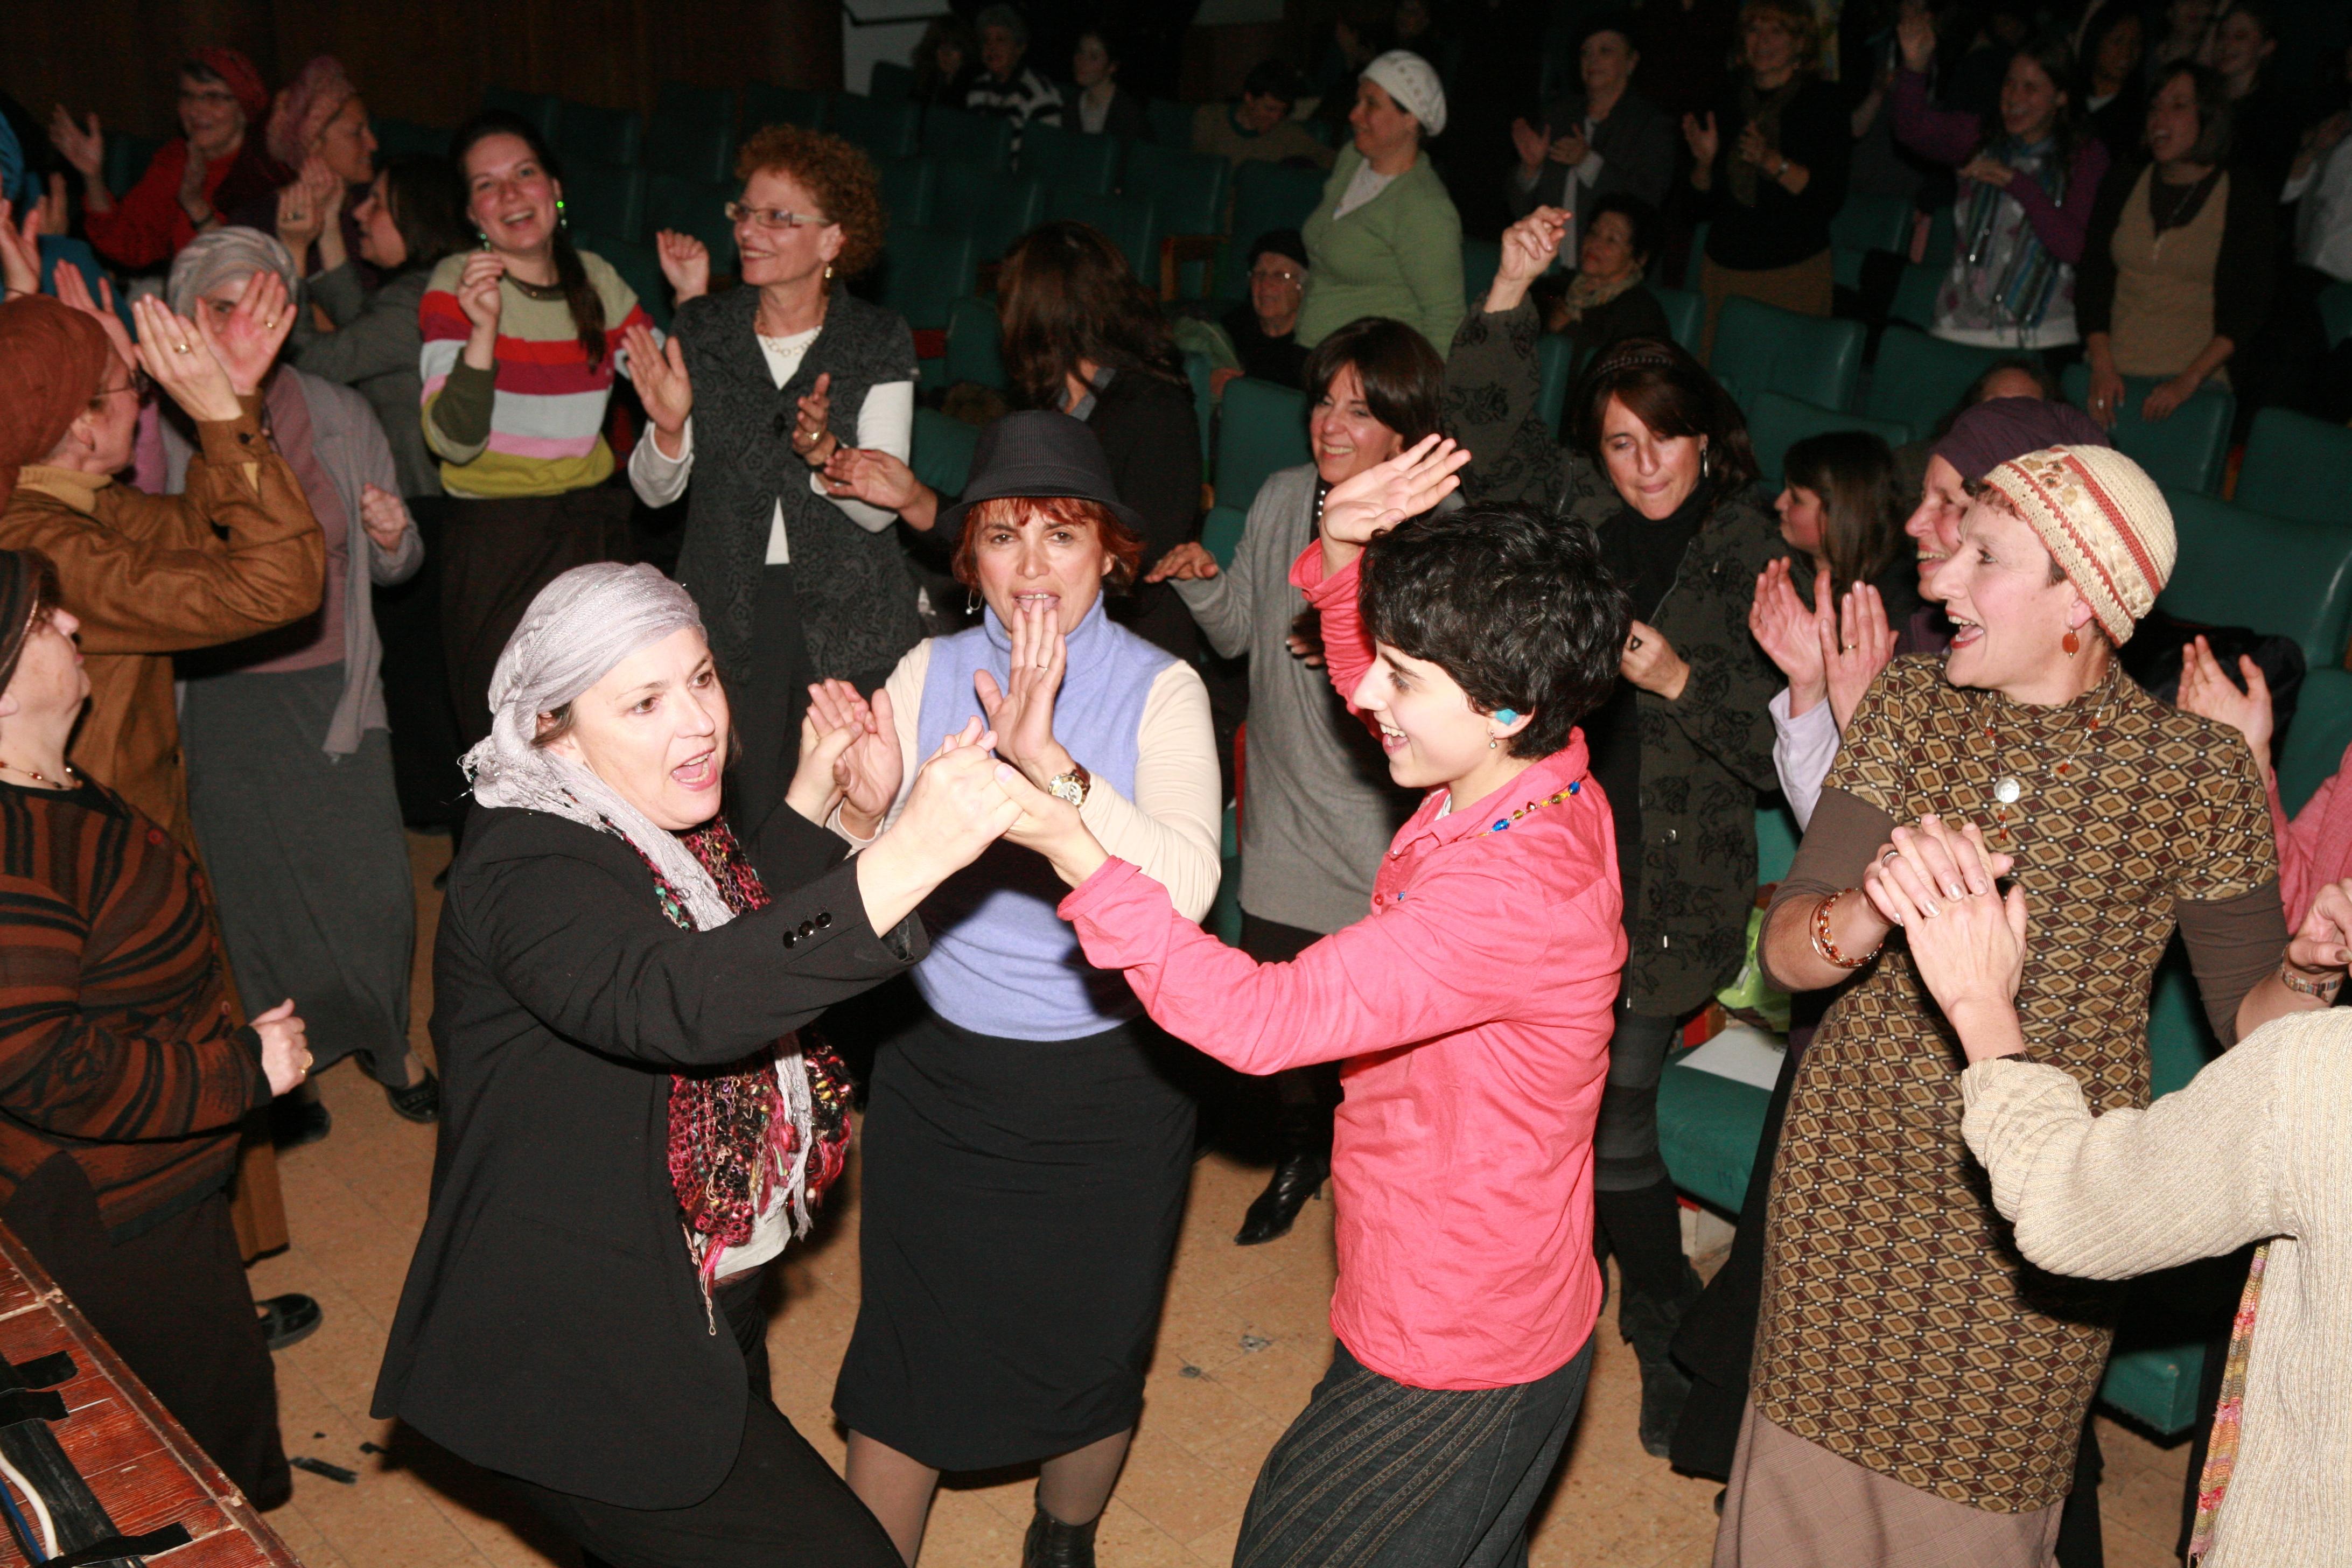 Dancing at Jerusalem concert